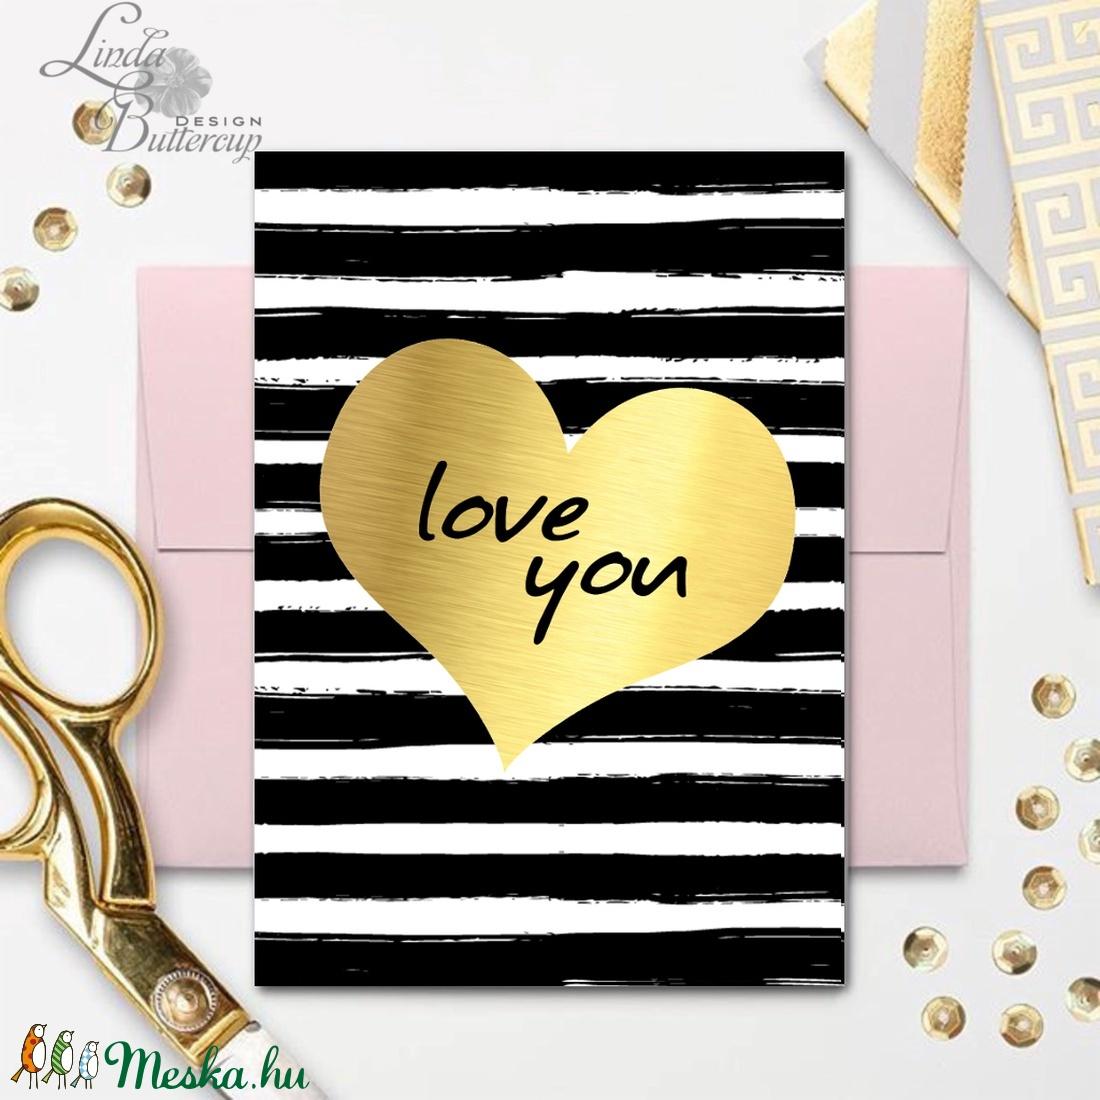 Valentin napi Képeslap, Szeretlek lap, Valentin nap, üdvözlőlap, I love you, Szerelmes, arany, modern, tavaszi, love (LindaButtercup) - Meska.hu